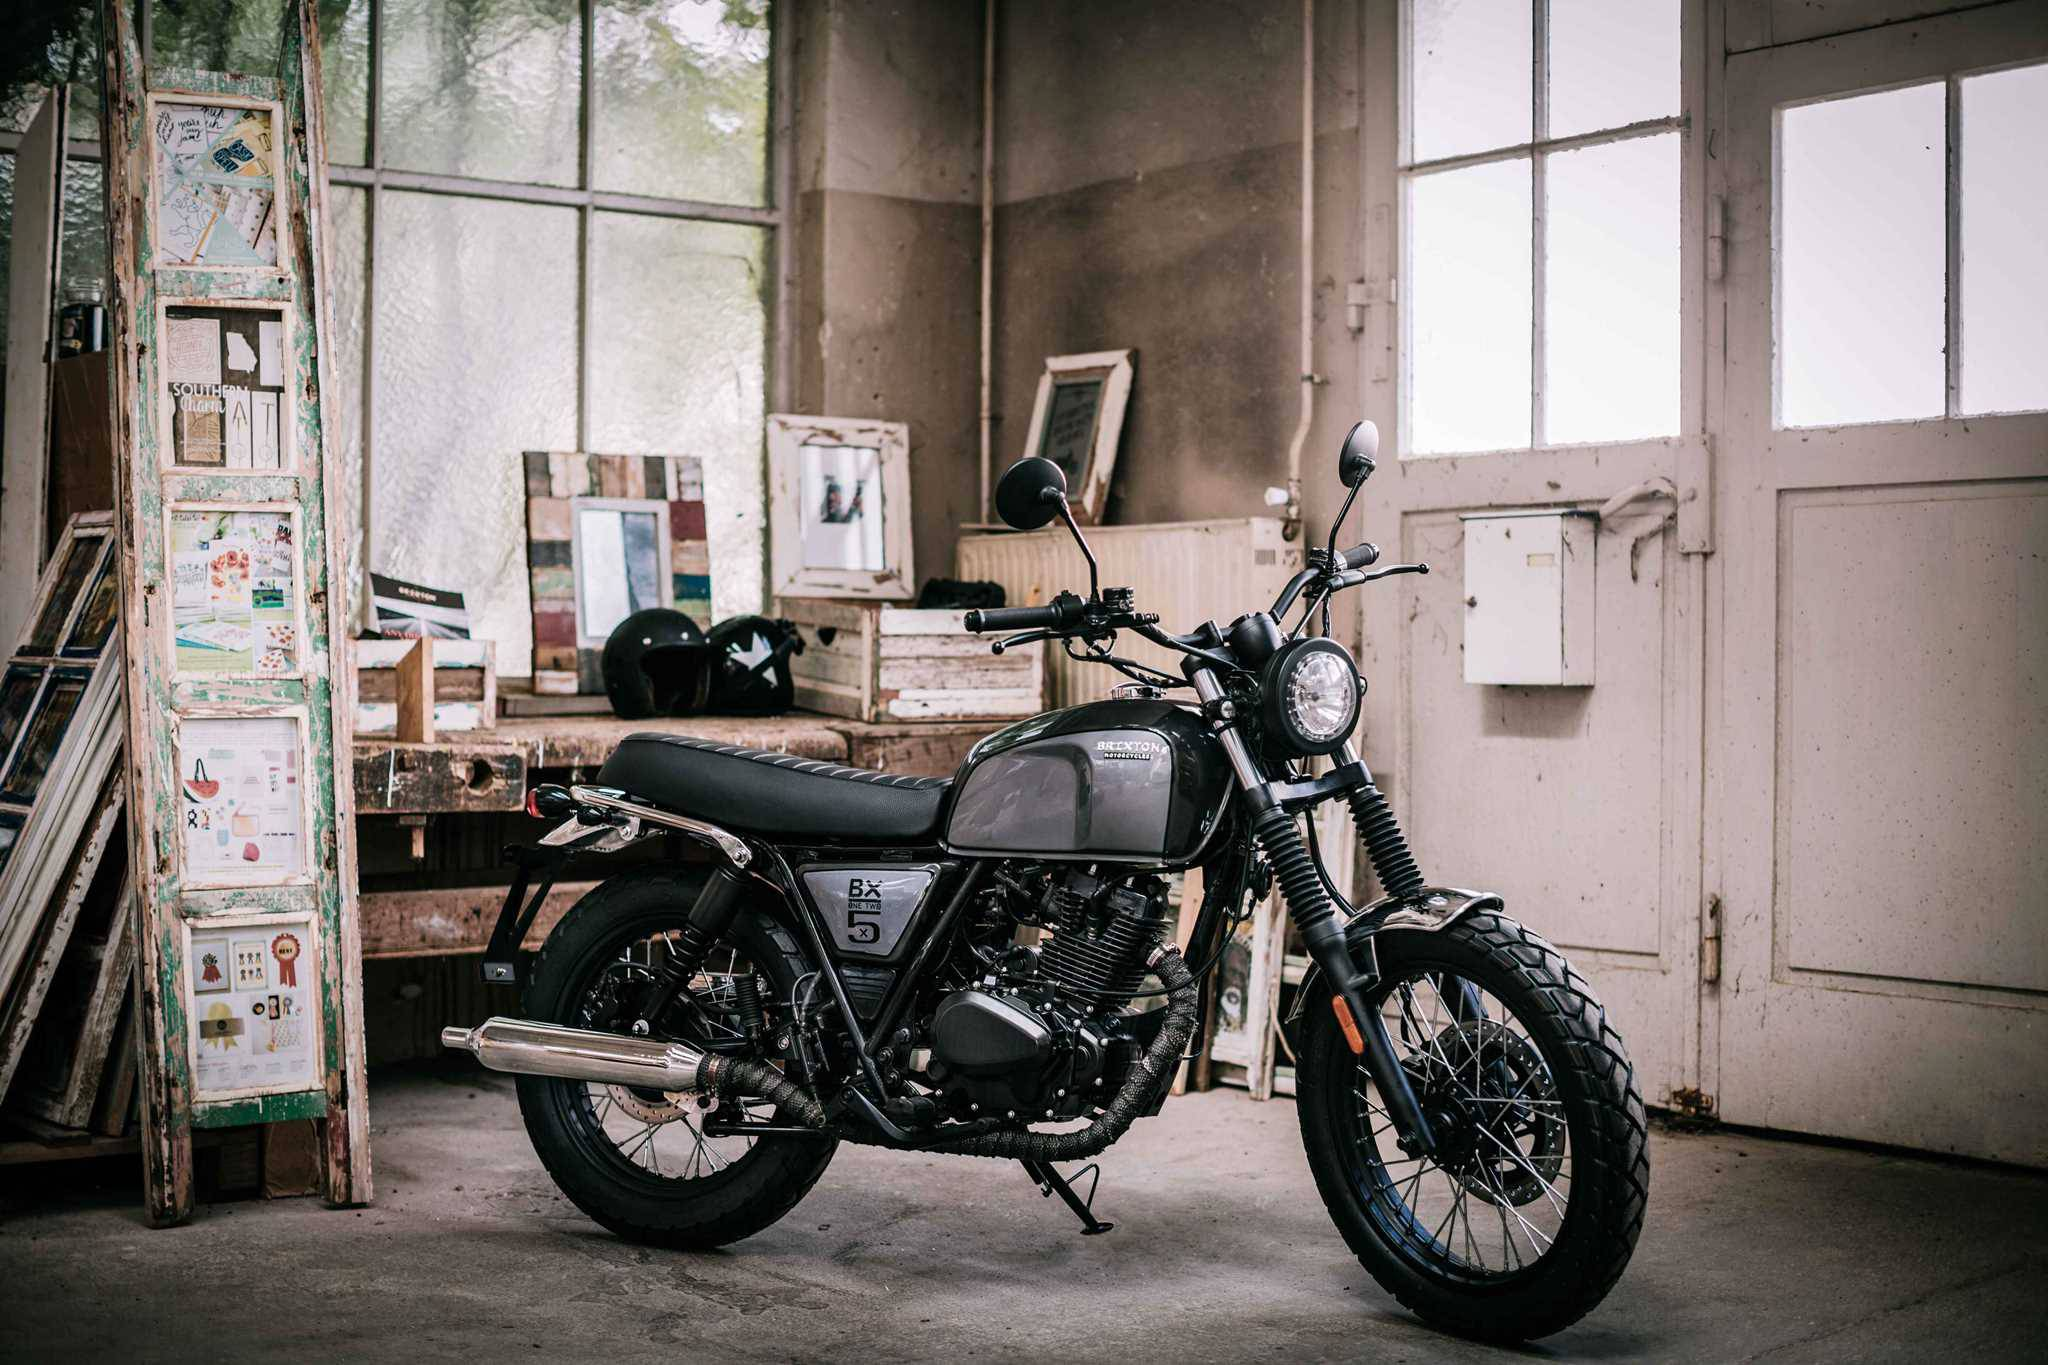 moto 125cc l 39 ancienne neuve new brixton bx 2017 autres. Black Bedroom Furniture Sets. Home Design Ideas